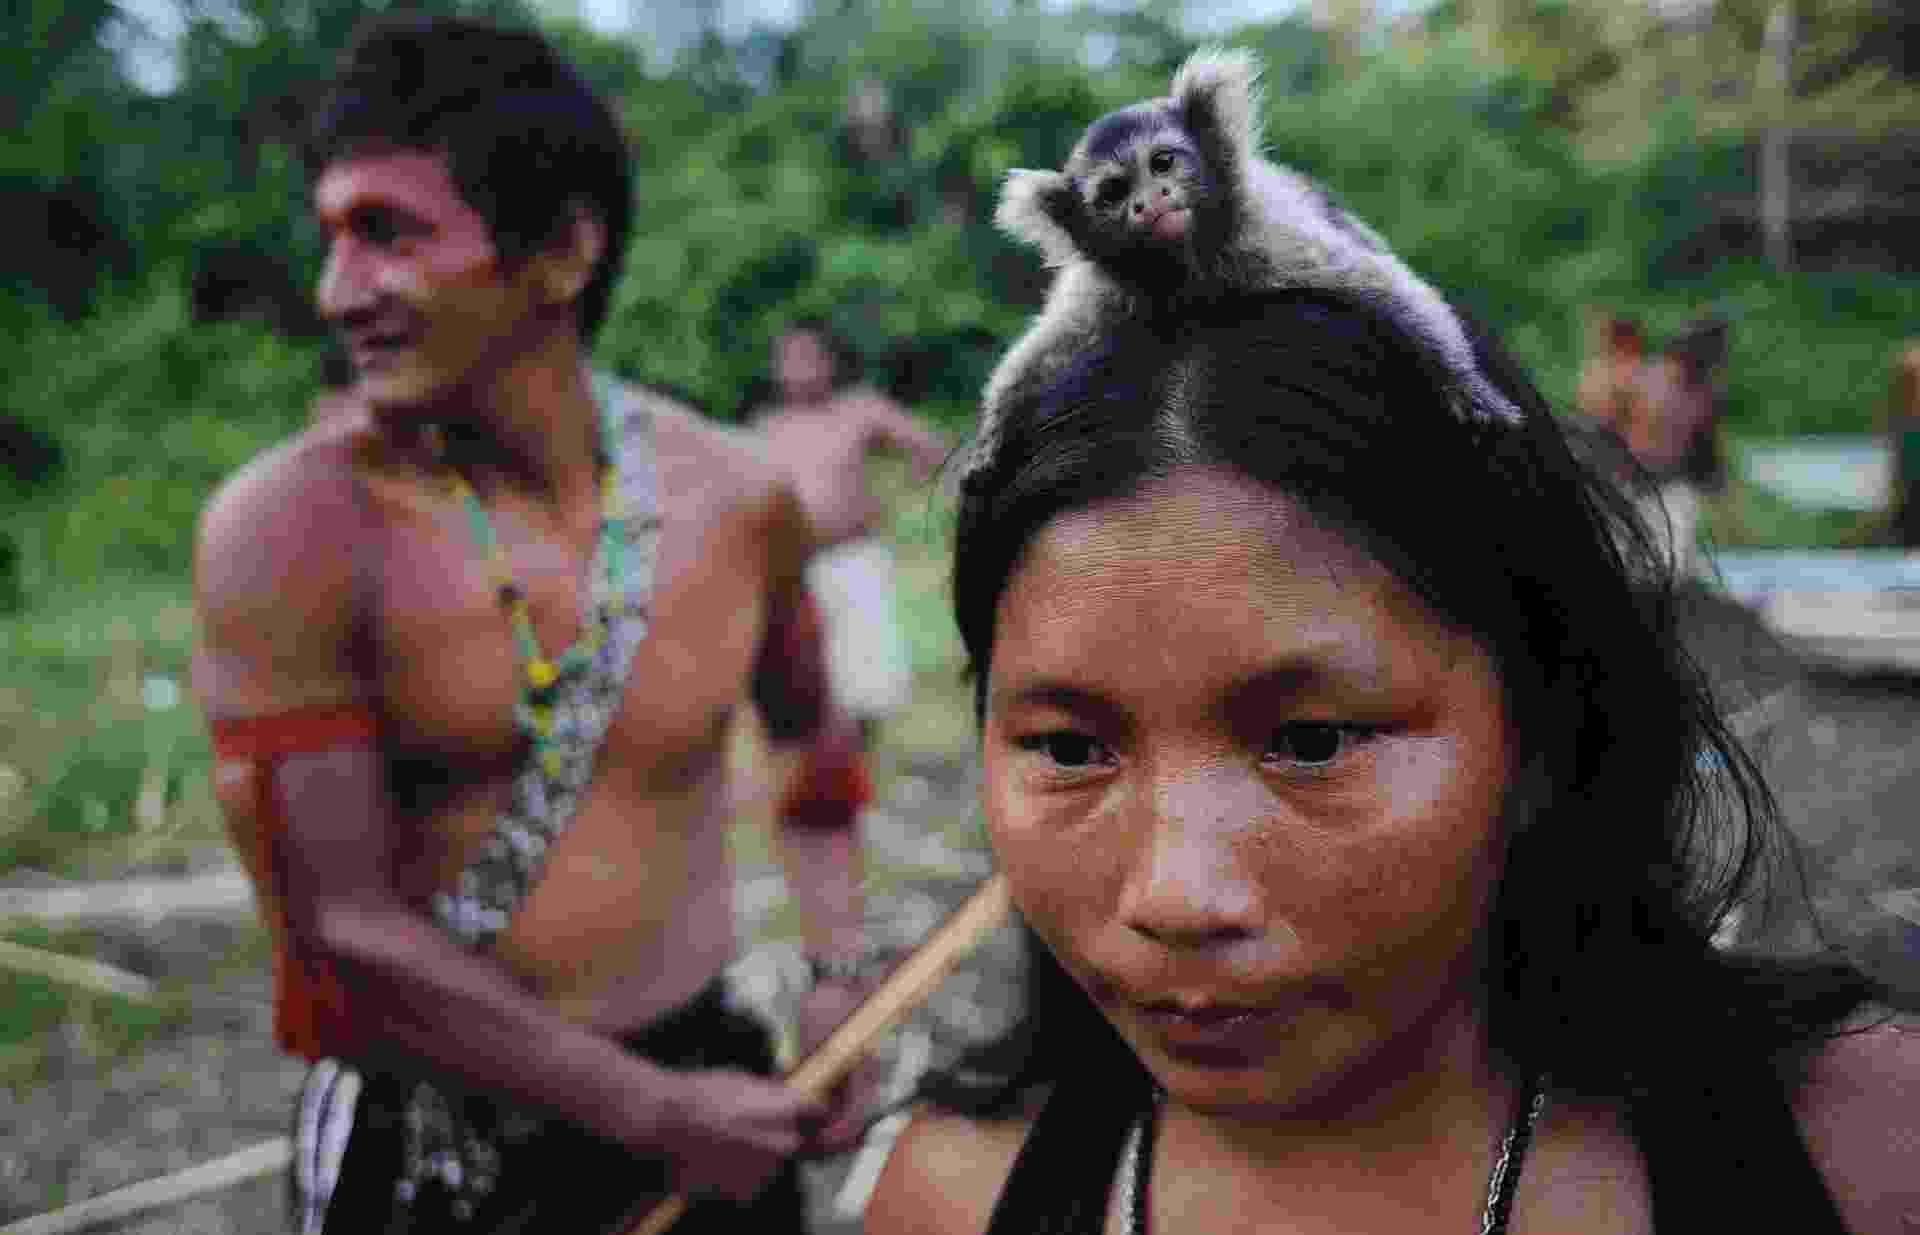 17.fev.2014 - Uma índia guerreira Munduruku carrega um macaco na cabeça durante uma busca de minas de ouro e mineiros ilegais em seu território, perto do rio Kadiriri, afluente dos rios Tapajós e Amazonas - Lunae Parracho/Reuters